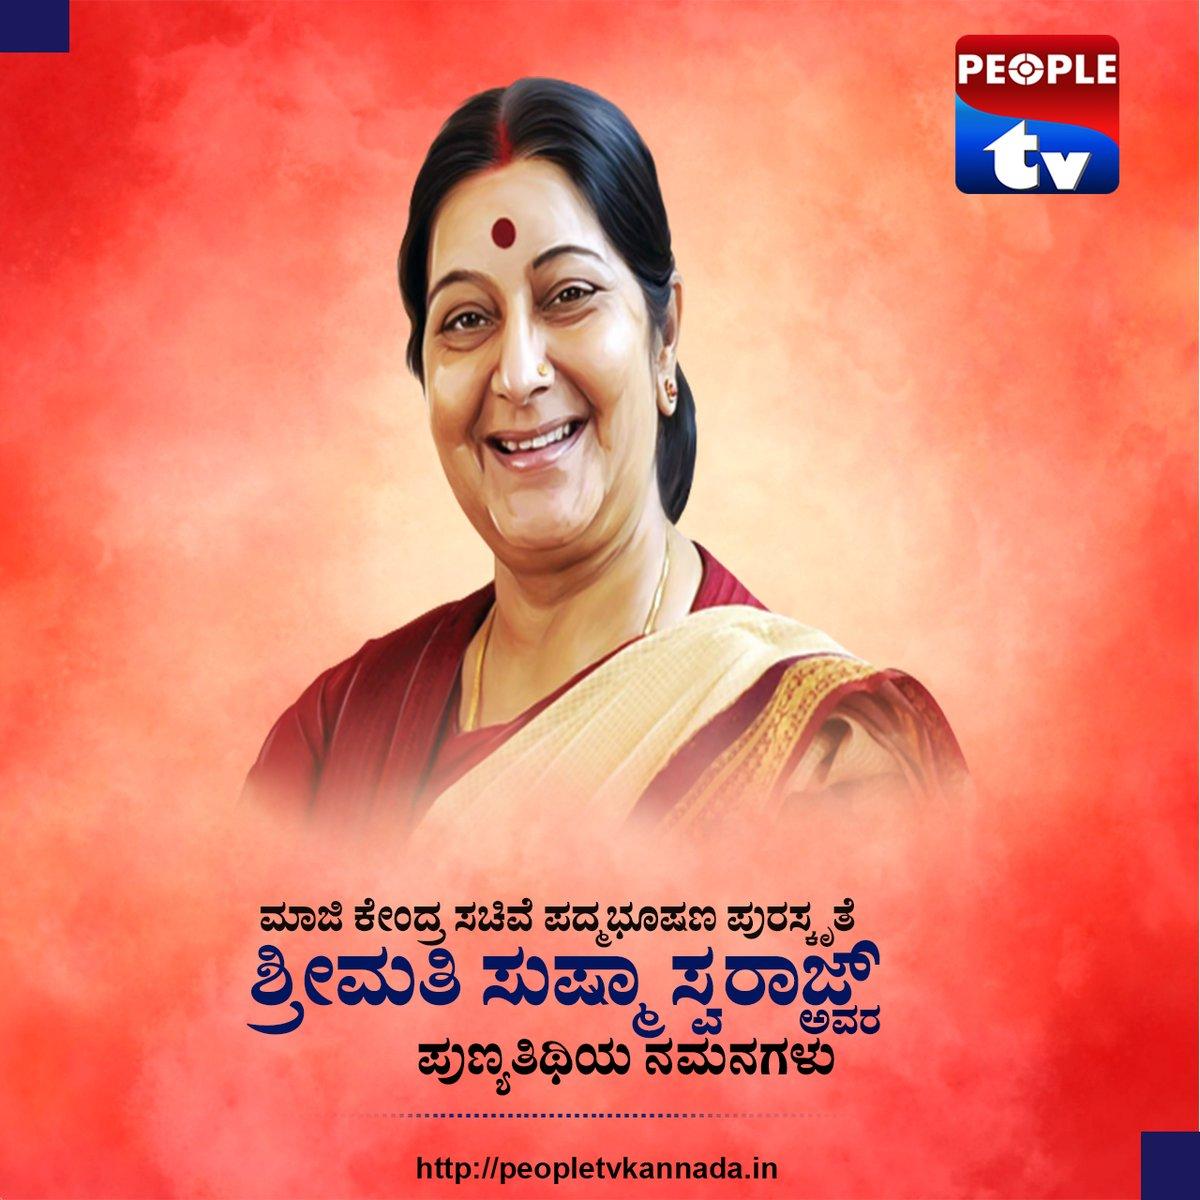 ಮಾಜಿ ವಿದೇಶಾಂಗ ಸಚಿವೆ ಶ್ರೀಮತಿ ಸುಷ್ಮಾ ಸ್ವರಾಜ್ ಅವರ ಪುಣ್ಯತಿಥಿಯಂದು ನಮನಗಳು. #PeopletvKannada #peopletvLive #peopletv #KannadaNewsChannel #LatestNews #LatestKannadaNews #Kannada #News #KarnatakaFightsCorona #ಸುಷ್ಮಾಸ್ವರಾಜ್ #SushmaSwarajpic.twitter.com/ZdRpTKT6oC